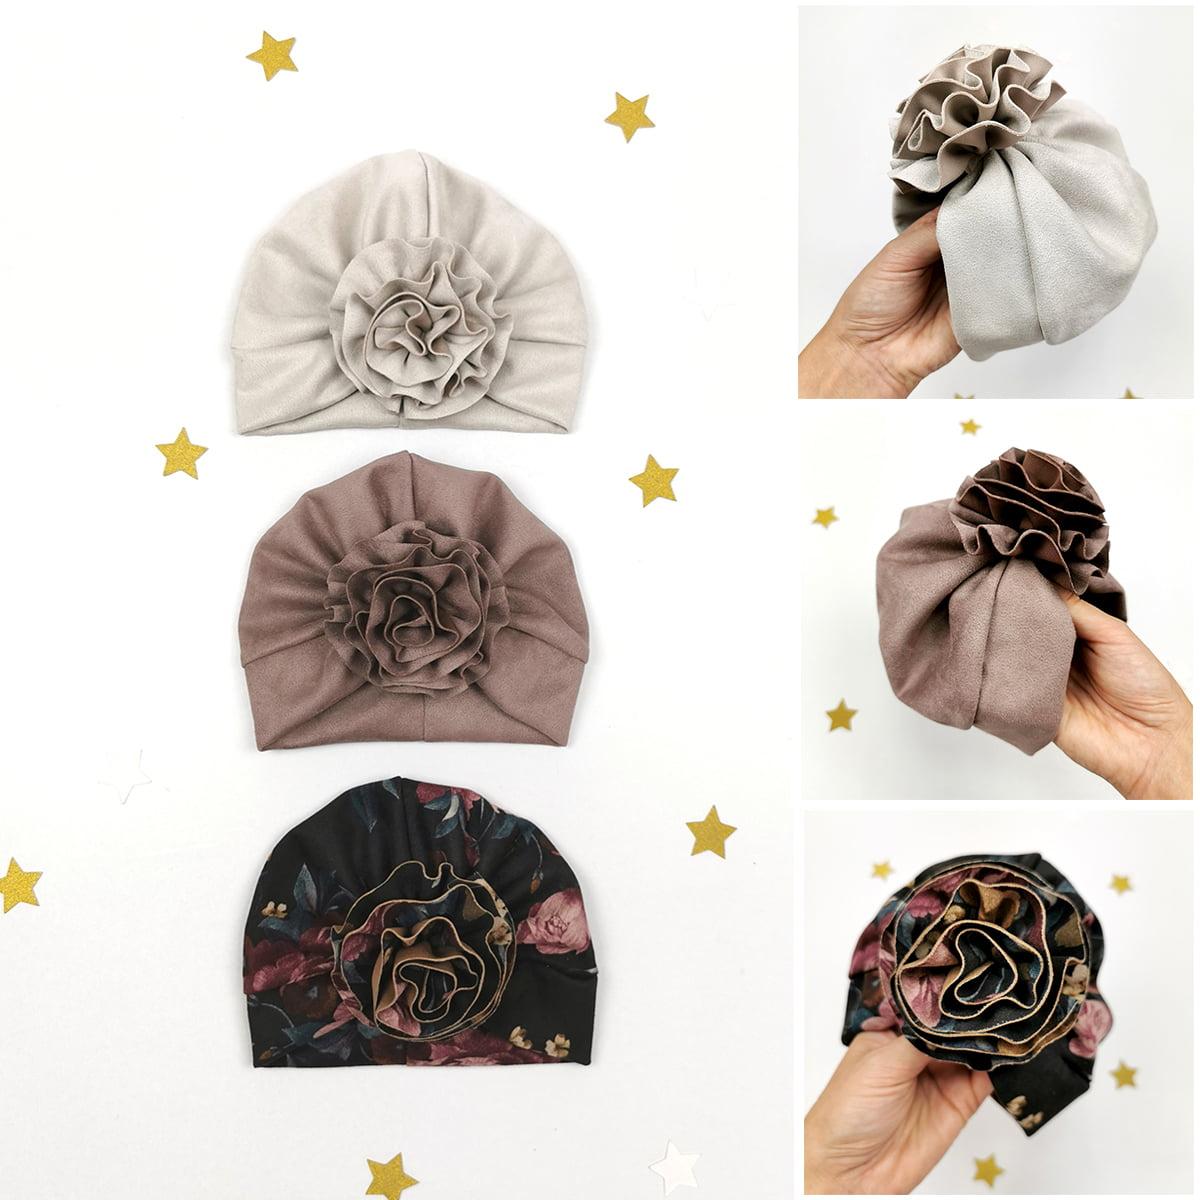 zimska kolekcija lady turbana s velikim ukrasom